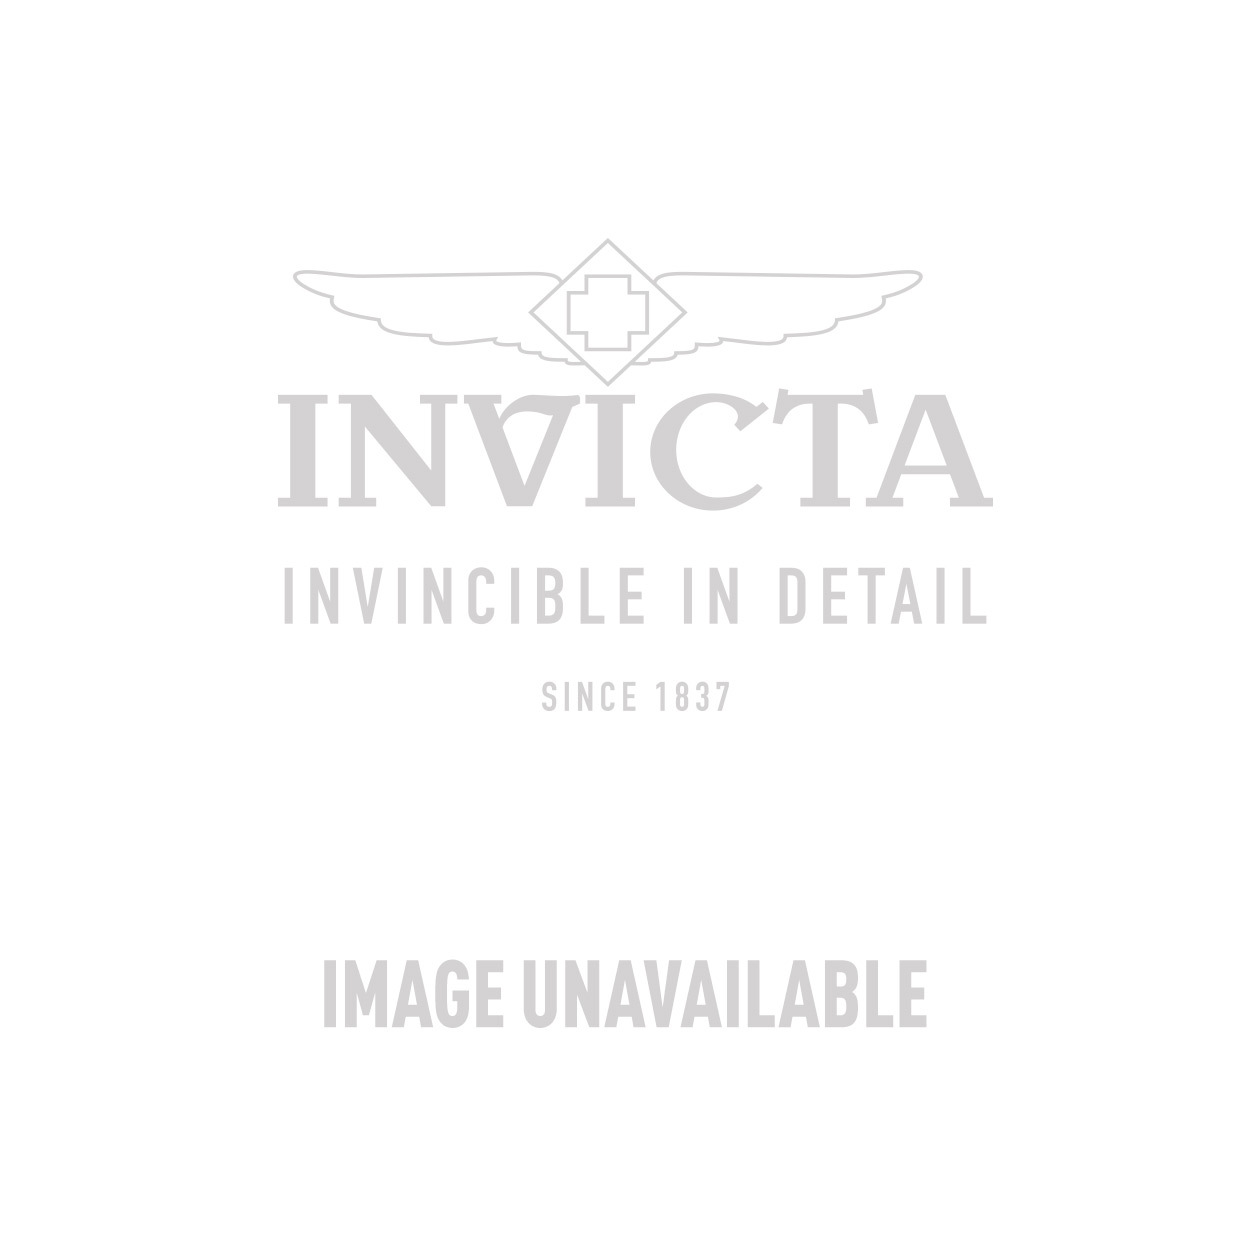 Invicta Model 25074